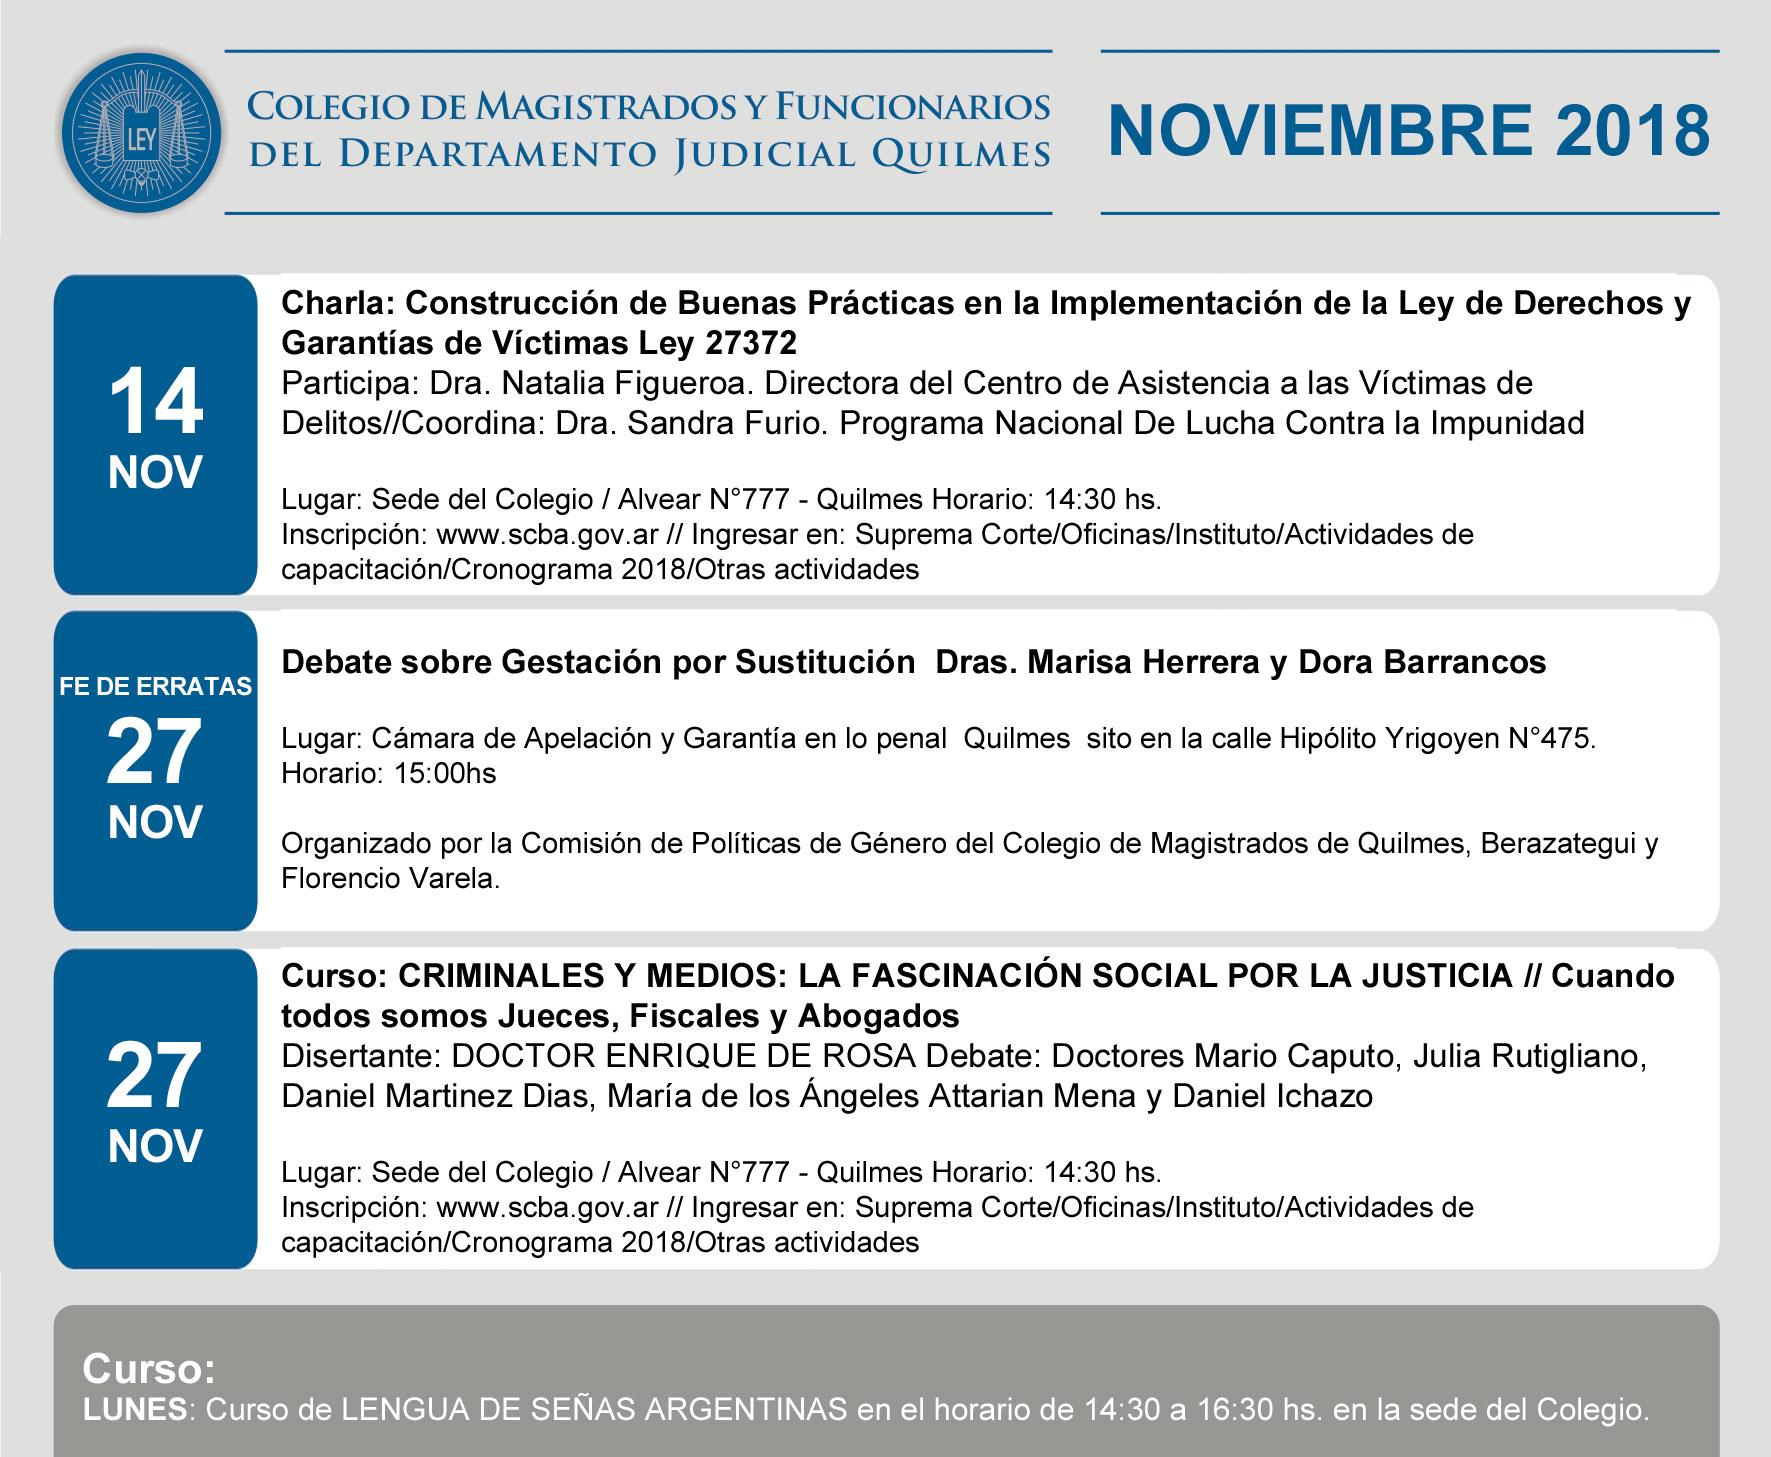 CAPACITACIONES Y CURSOS // NOVIEMBRE 2018